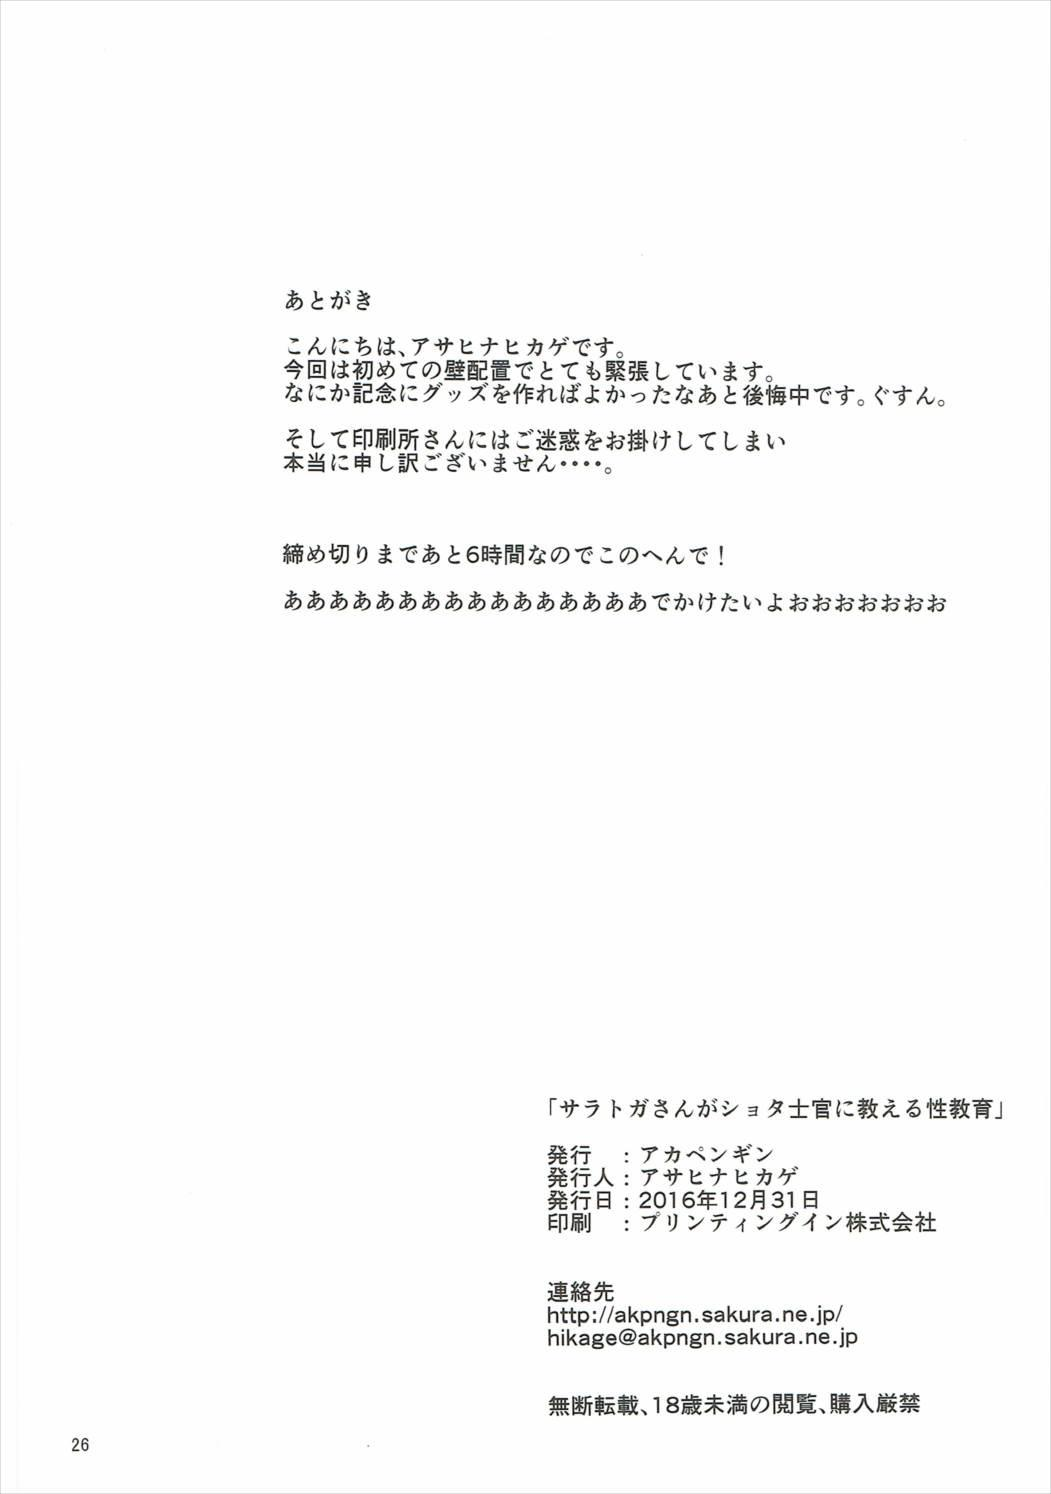 Saratoga-san ga Shota Shikan ni Oshieru Seikyouiku 24